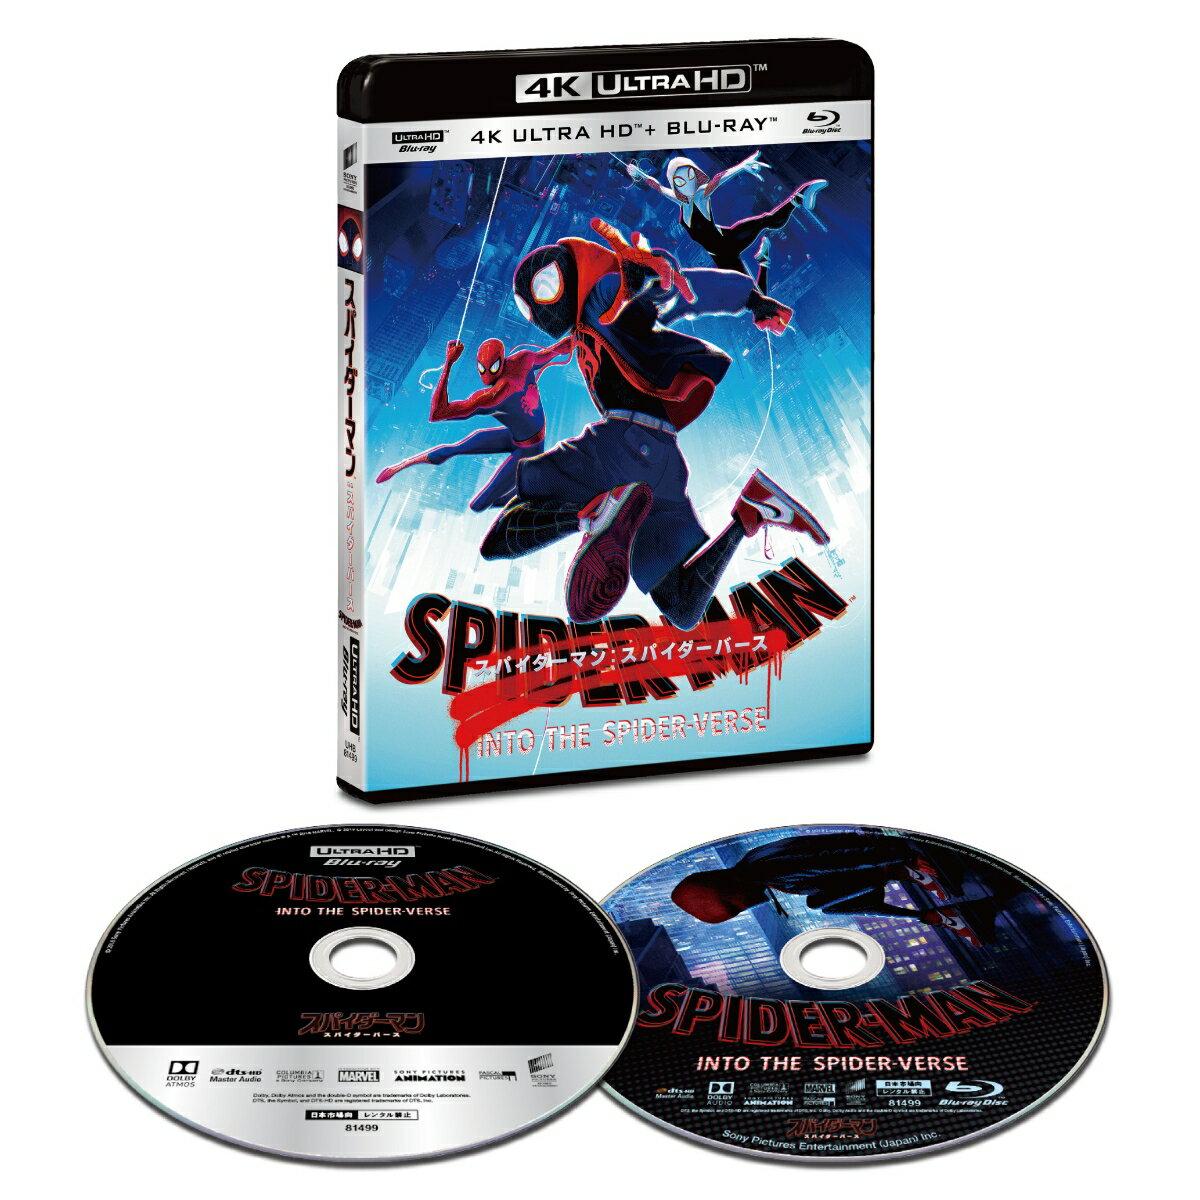 スパイダーマン:スパイダーバース 4K ULTRA HD+ブルーレイセット(初回生産限定)【4K ULTRA HD】